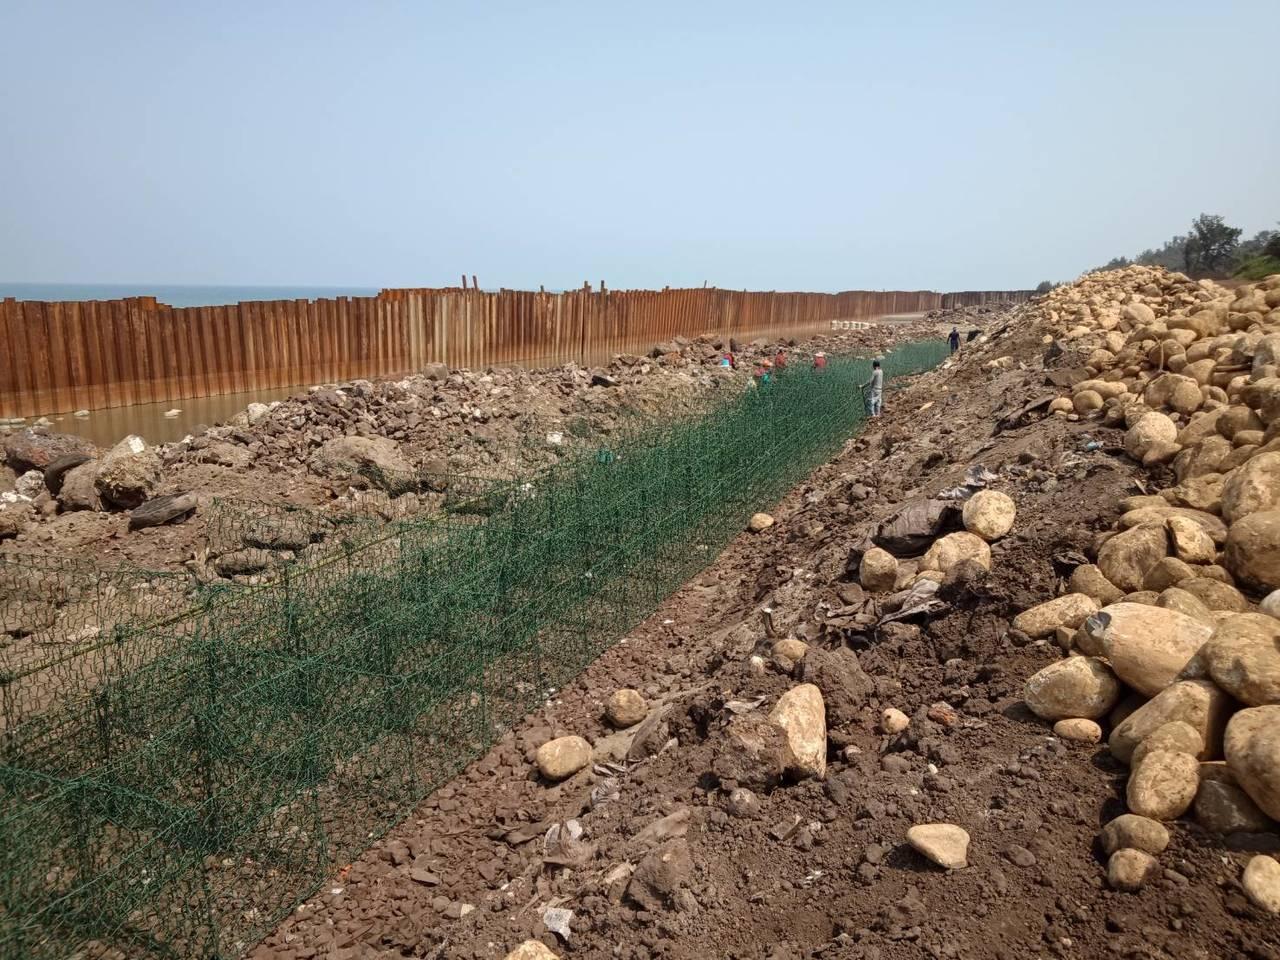 新竹縣環保局說,目前此案第一期工程已進入尾聲,在中央指示應以不中斷清理工作為原則...